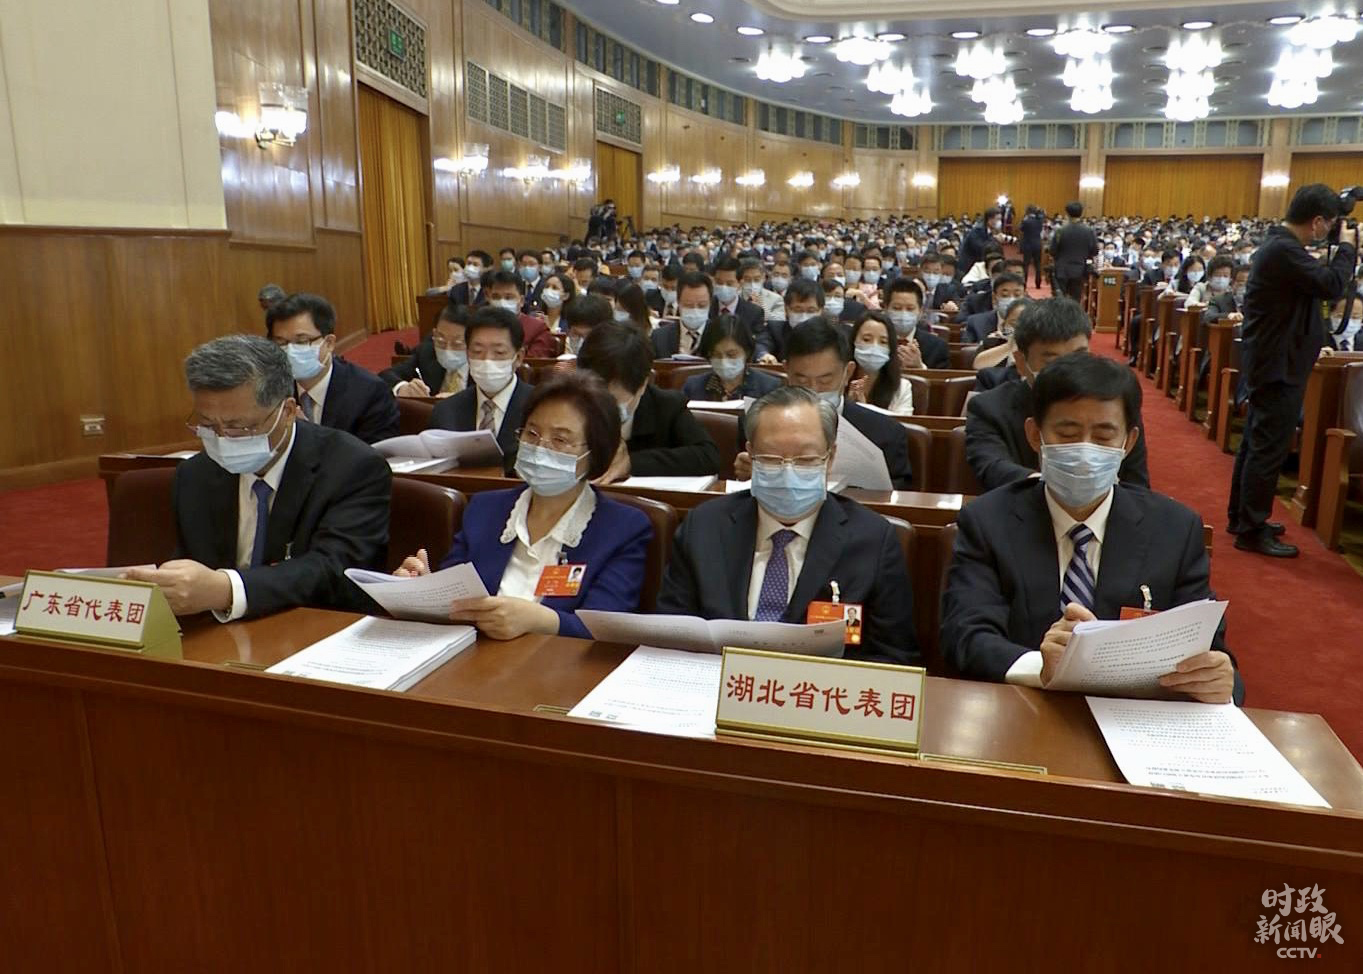 湖北省代表团坐在面向主席台的右手边。